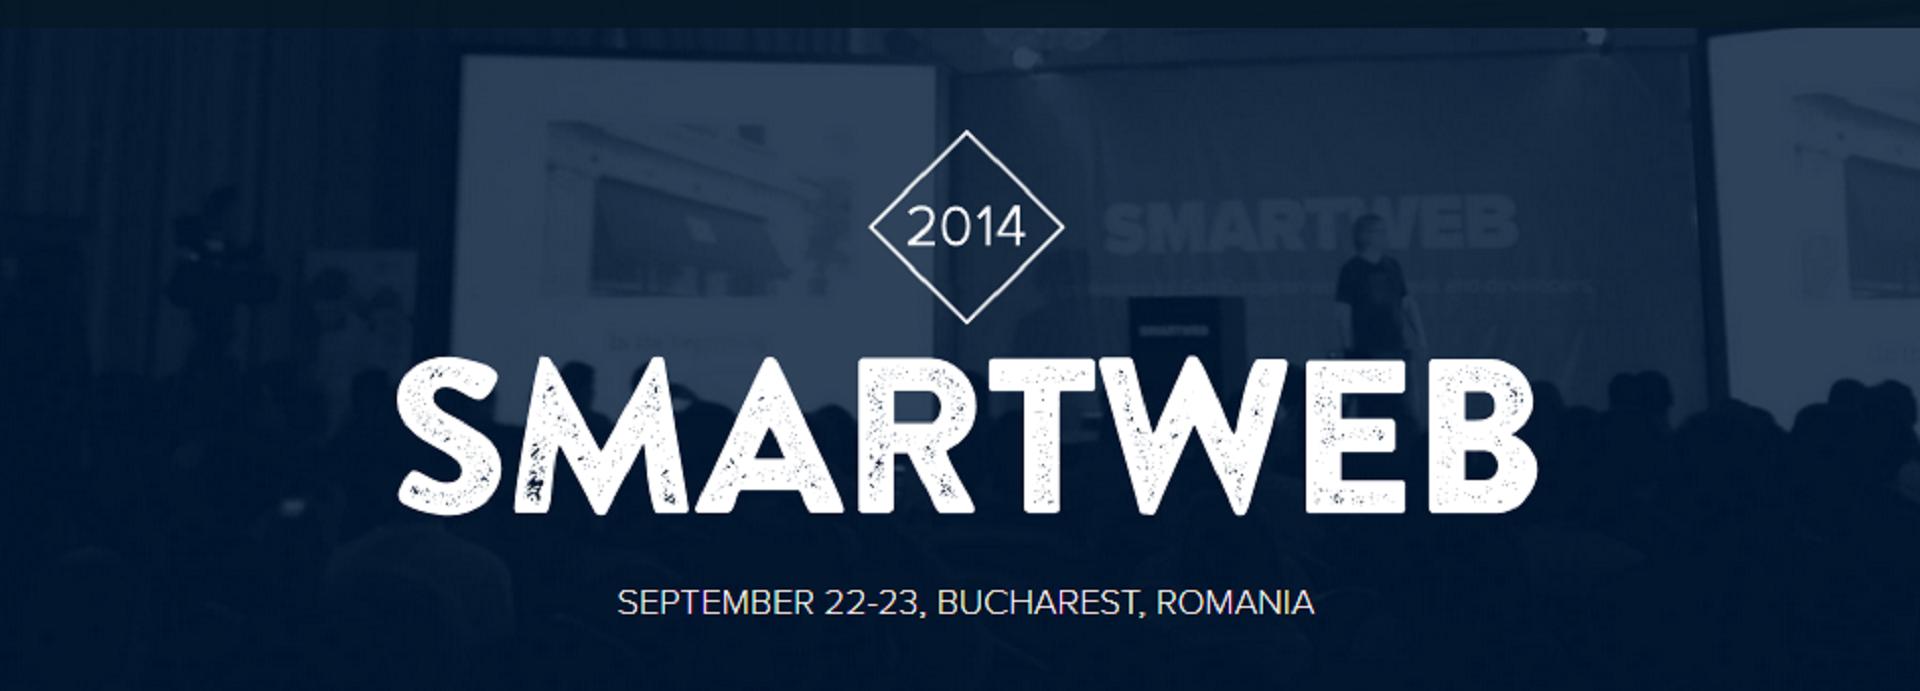 SmartWeb, prima conferinta internationala de webdesign, la Bucuresti